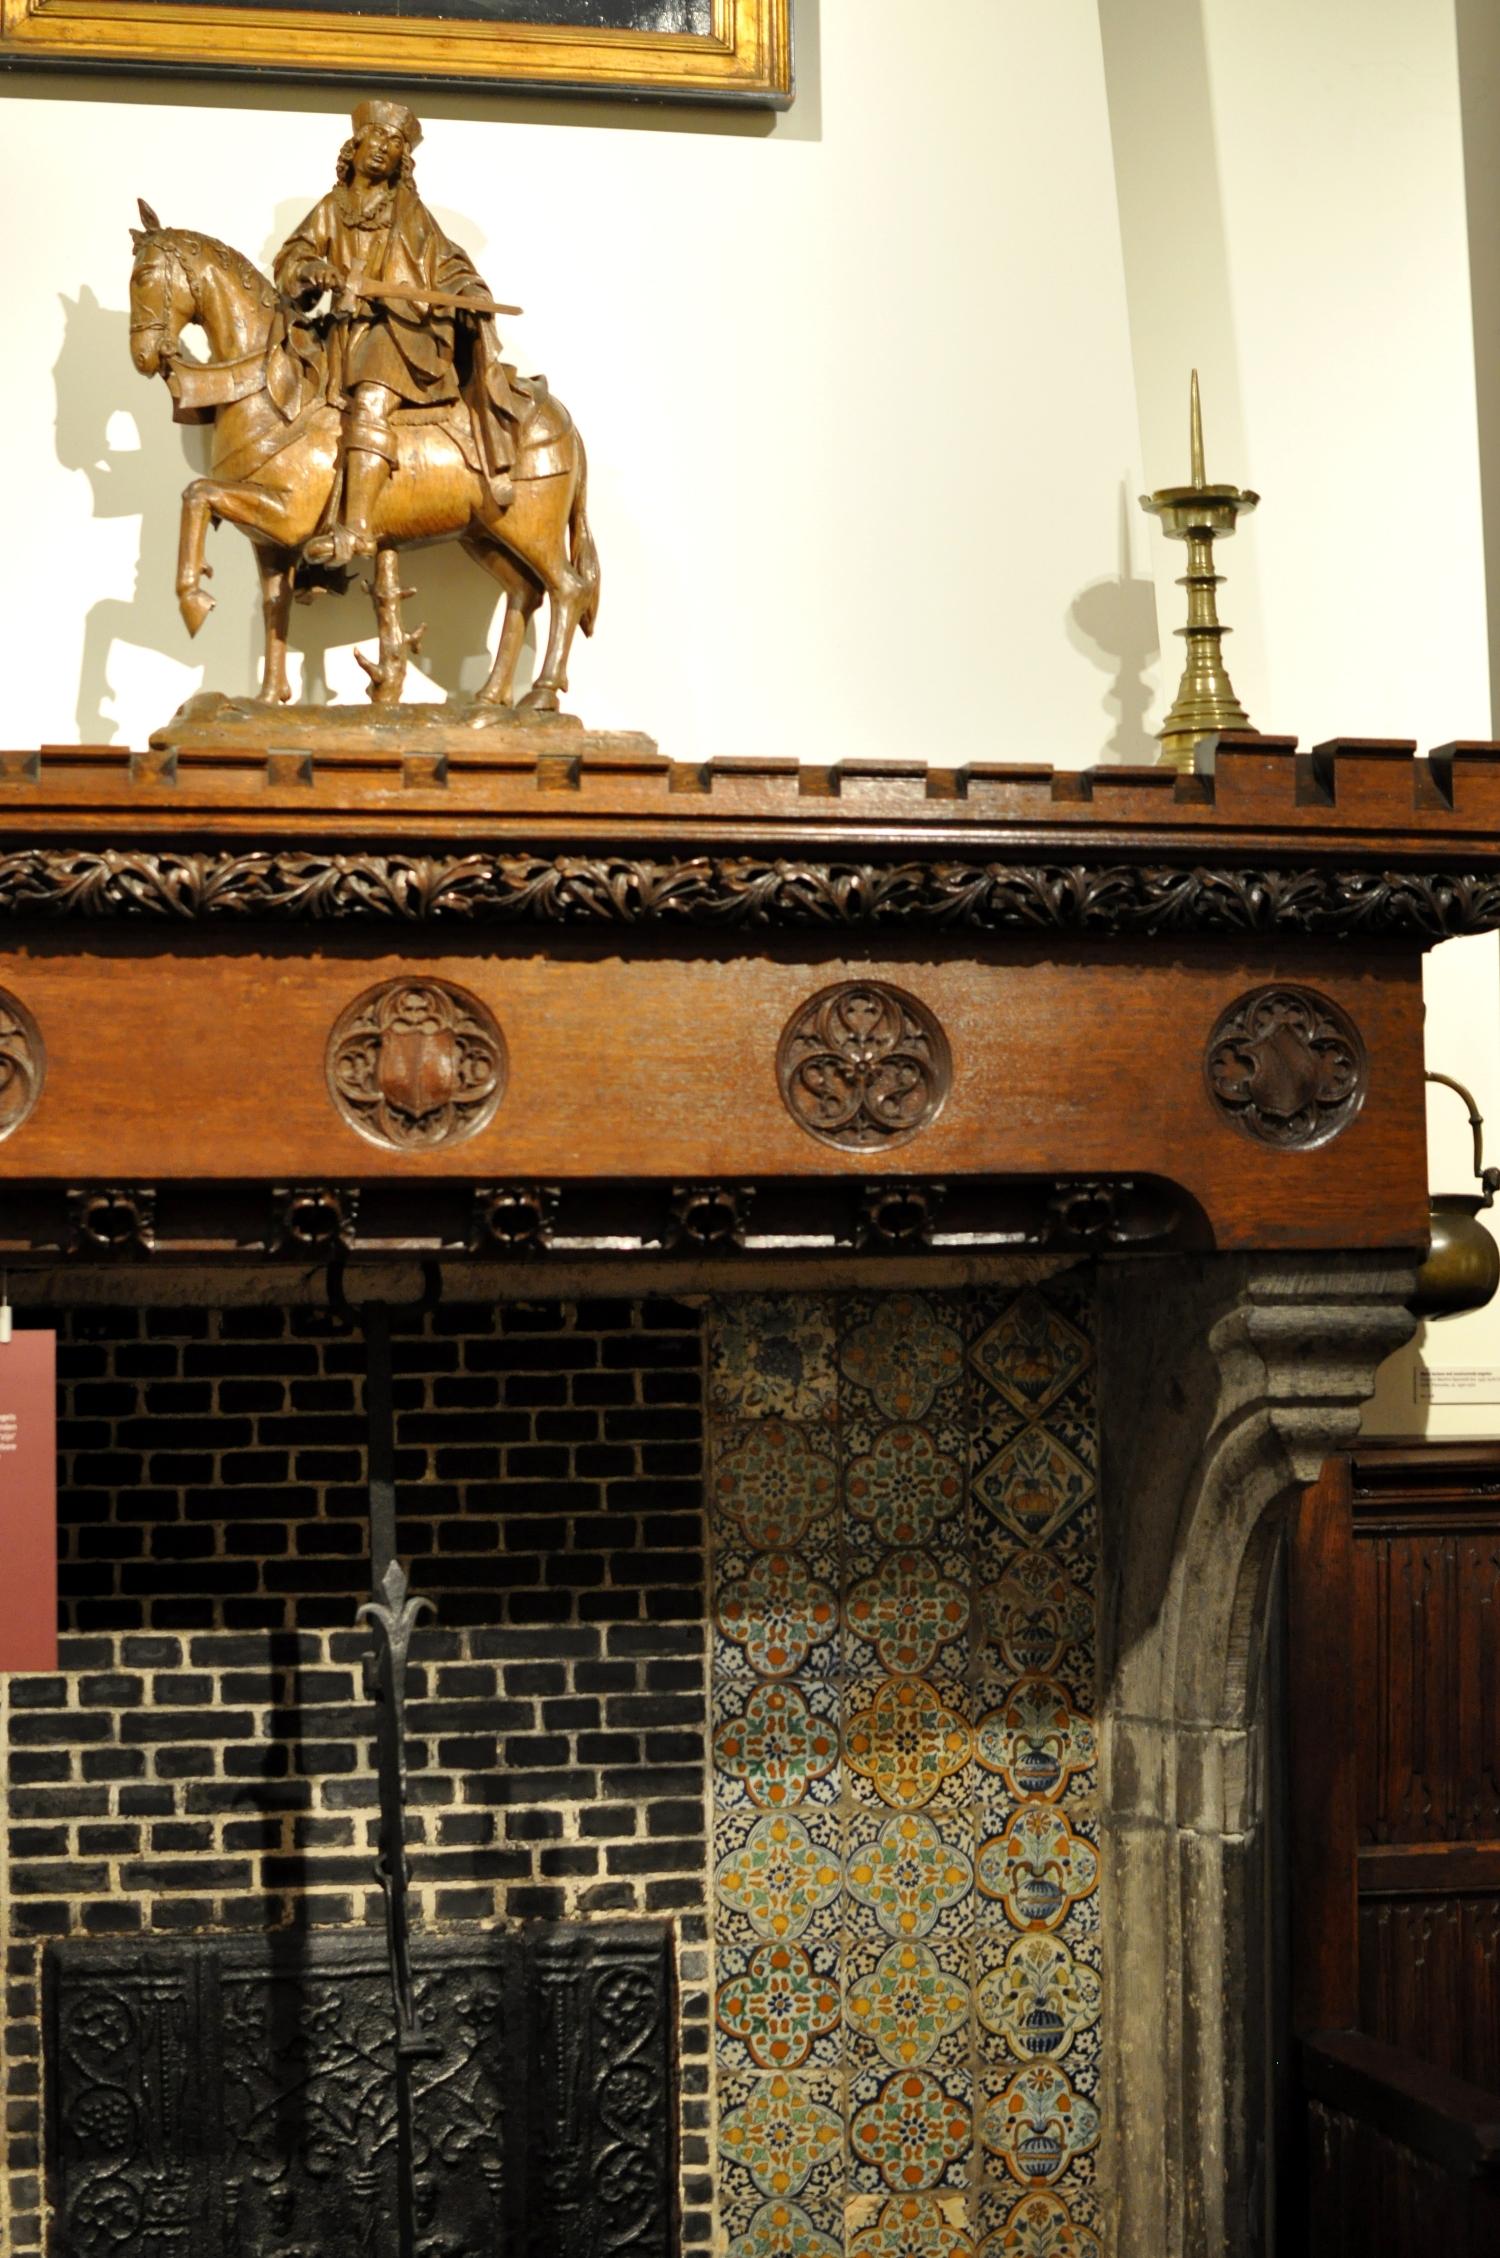 rocaille-blog-museum-fritz-mayer-van-den-bergh-anversa-antwerpen-flander-fiandre-16